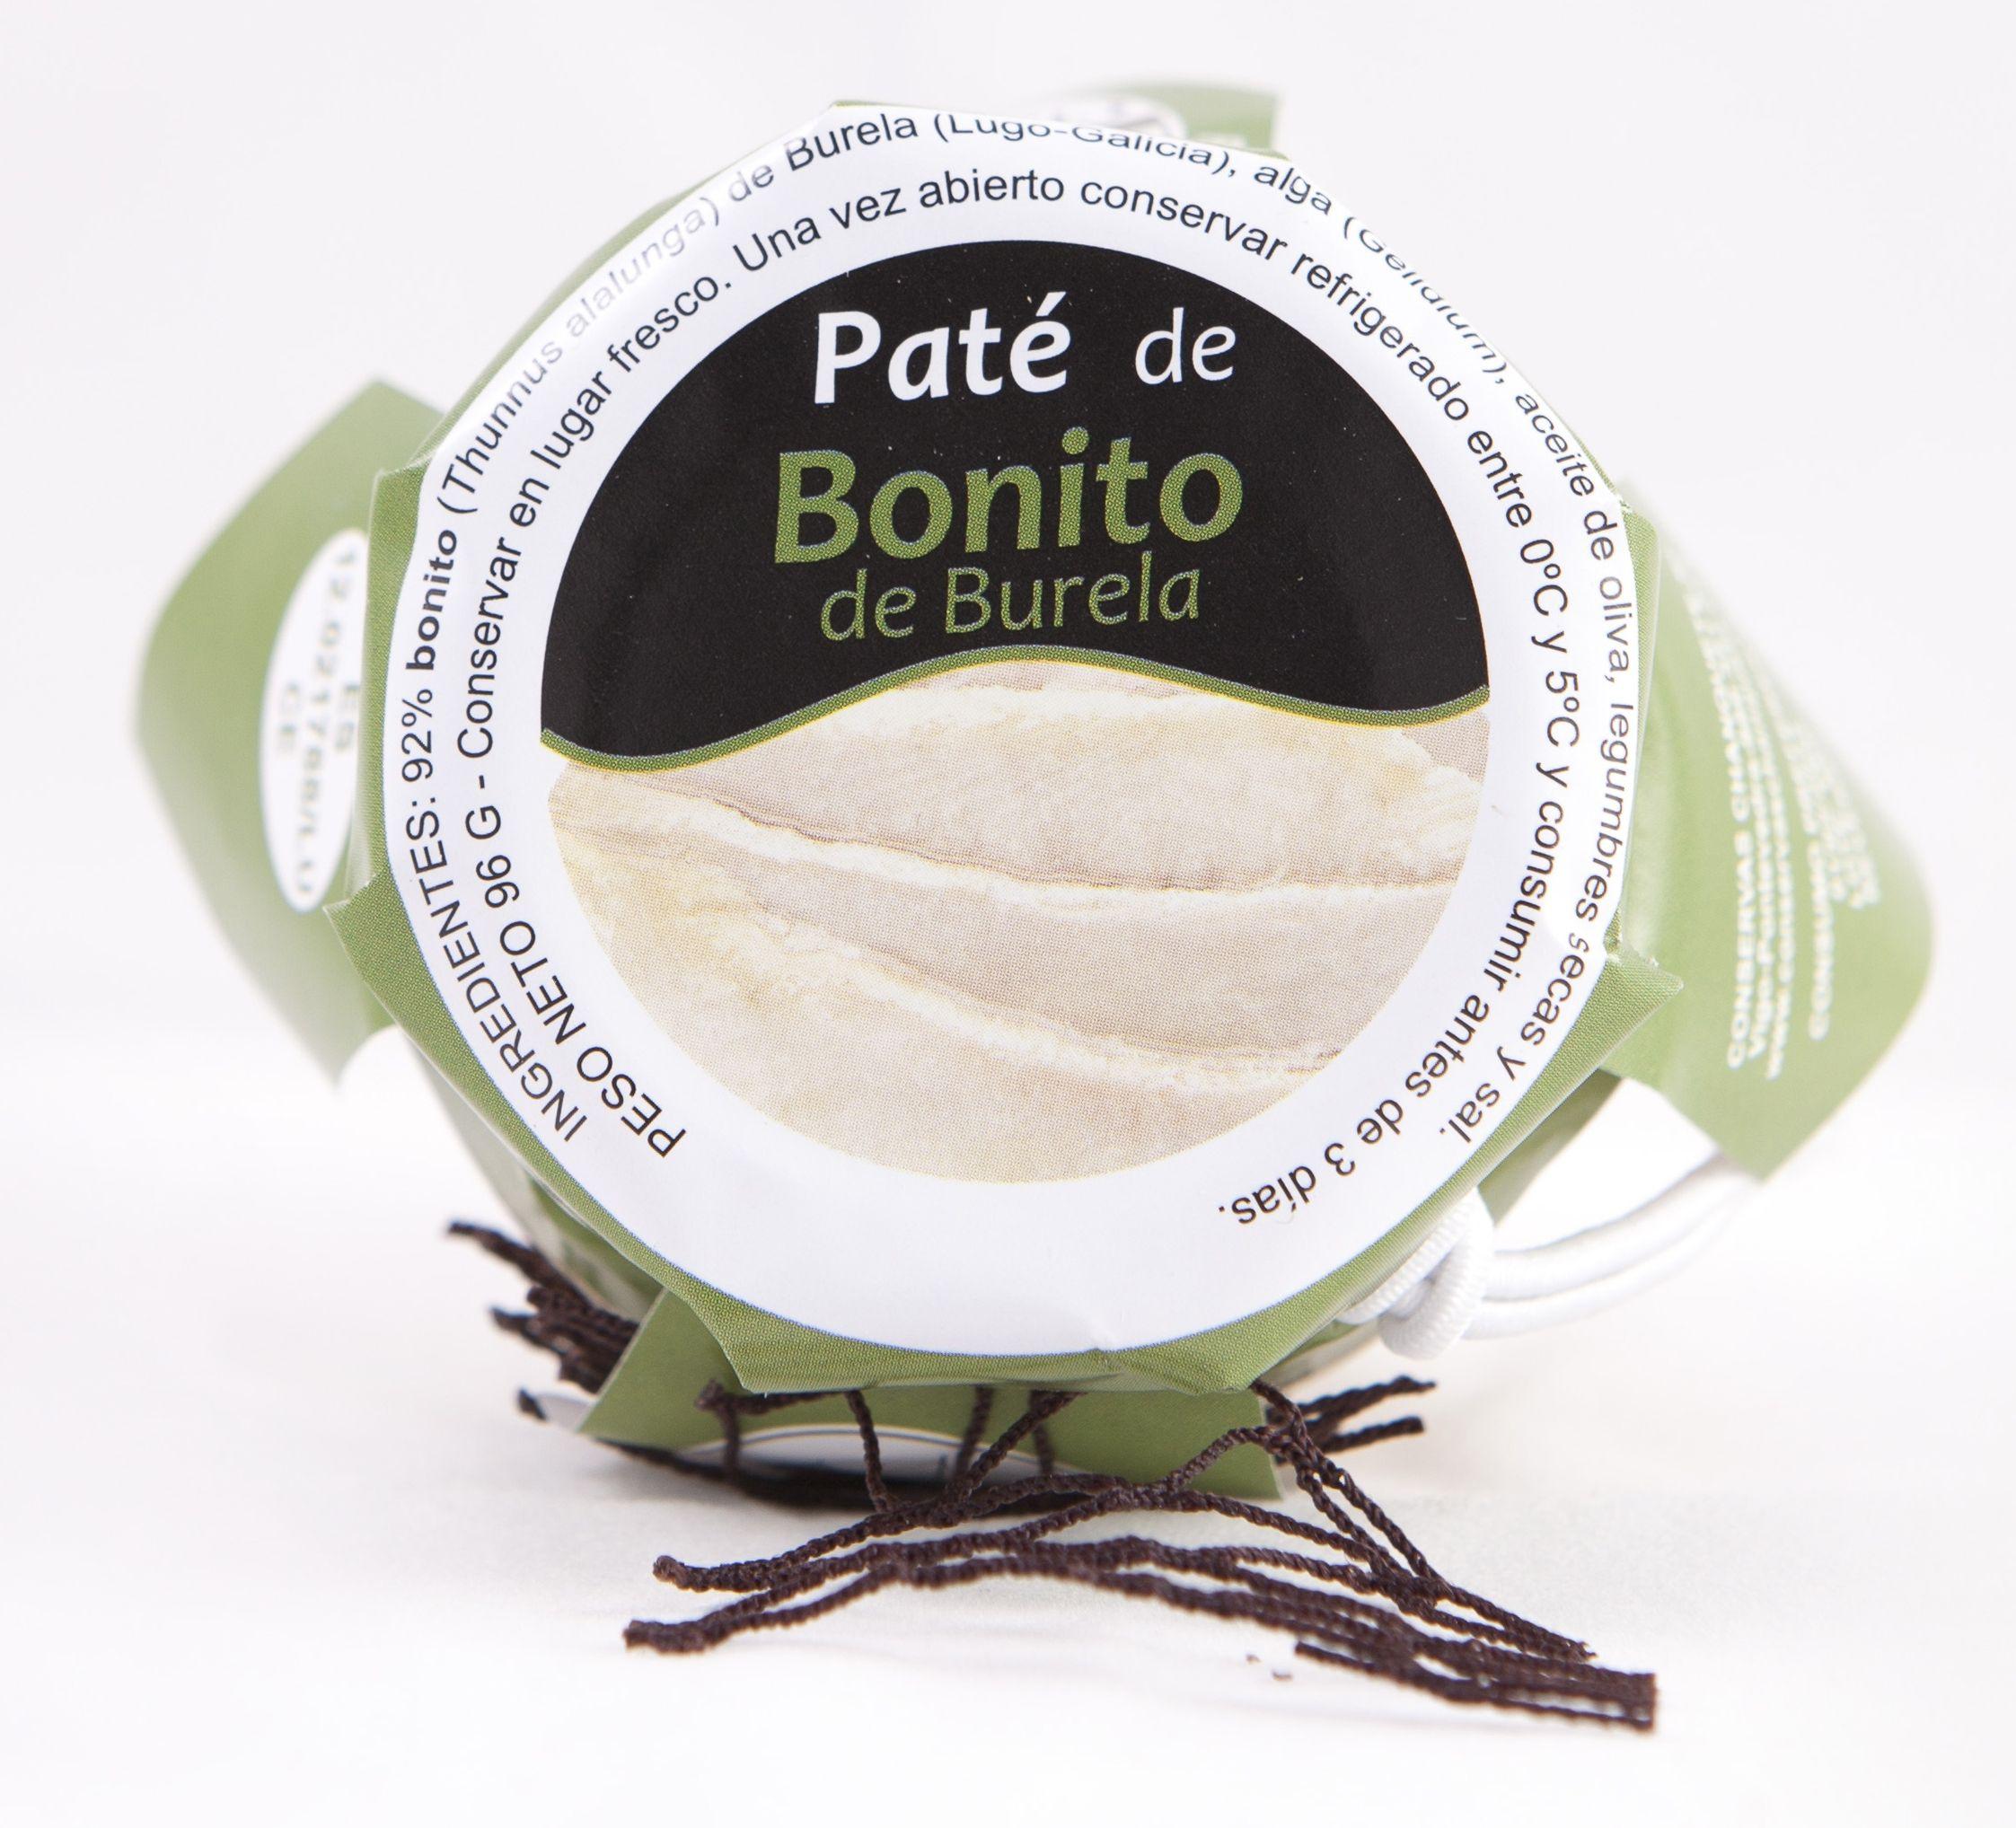 PATÉ DE BONITO DE BURELA